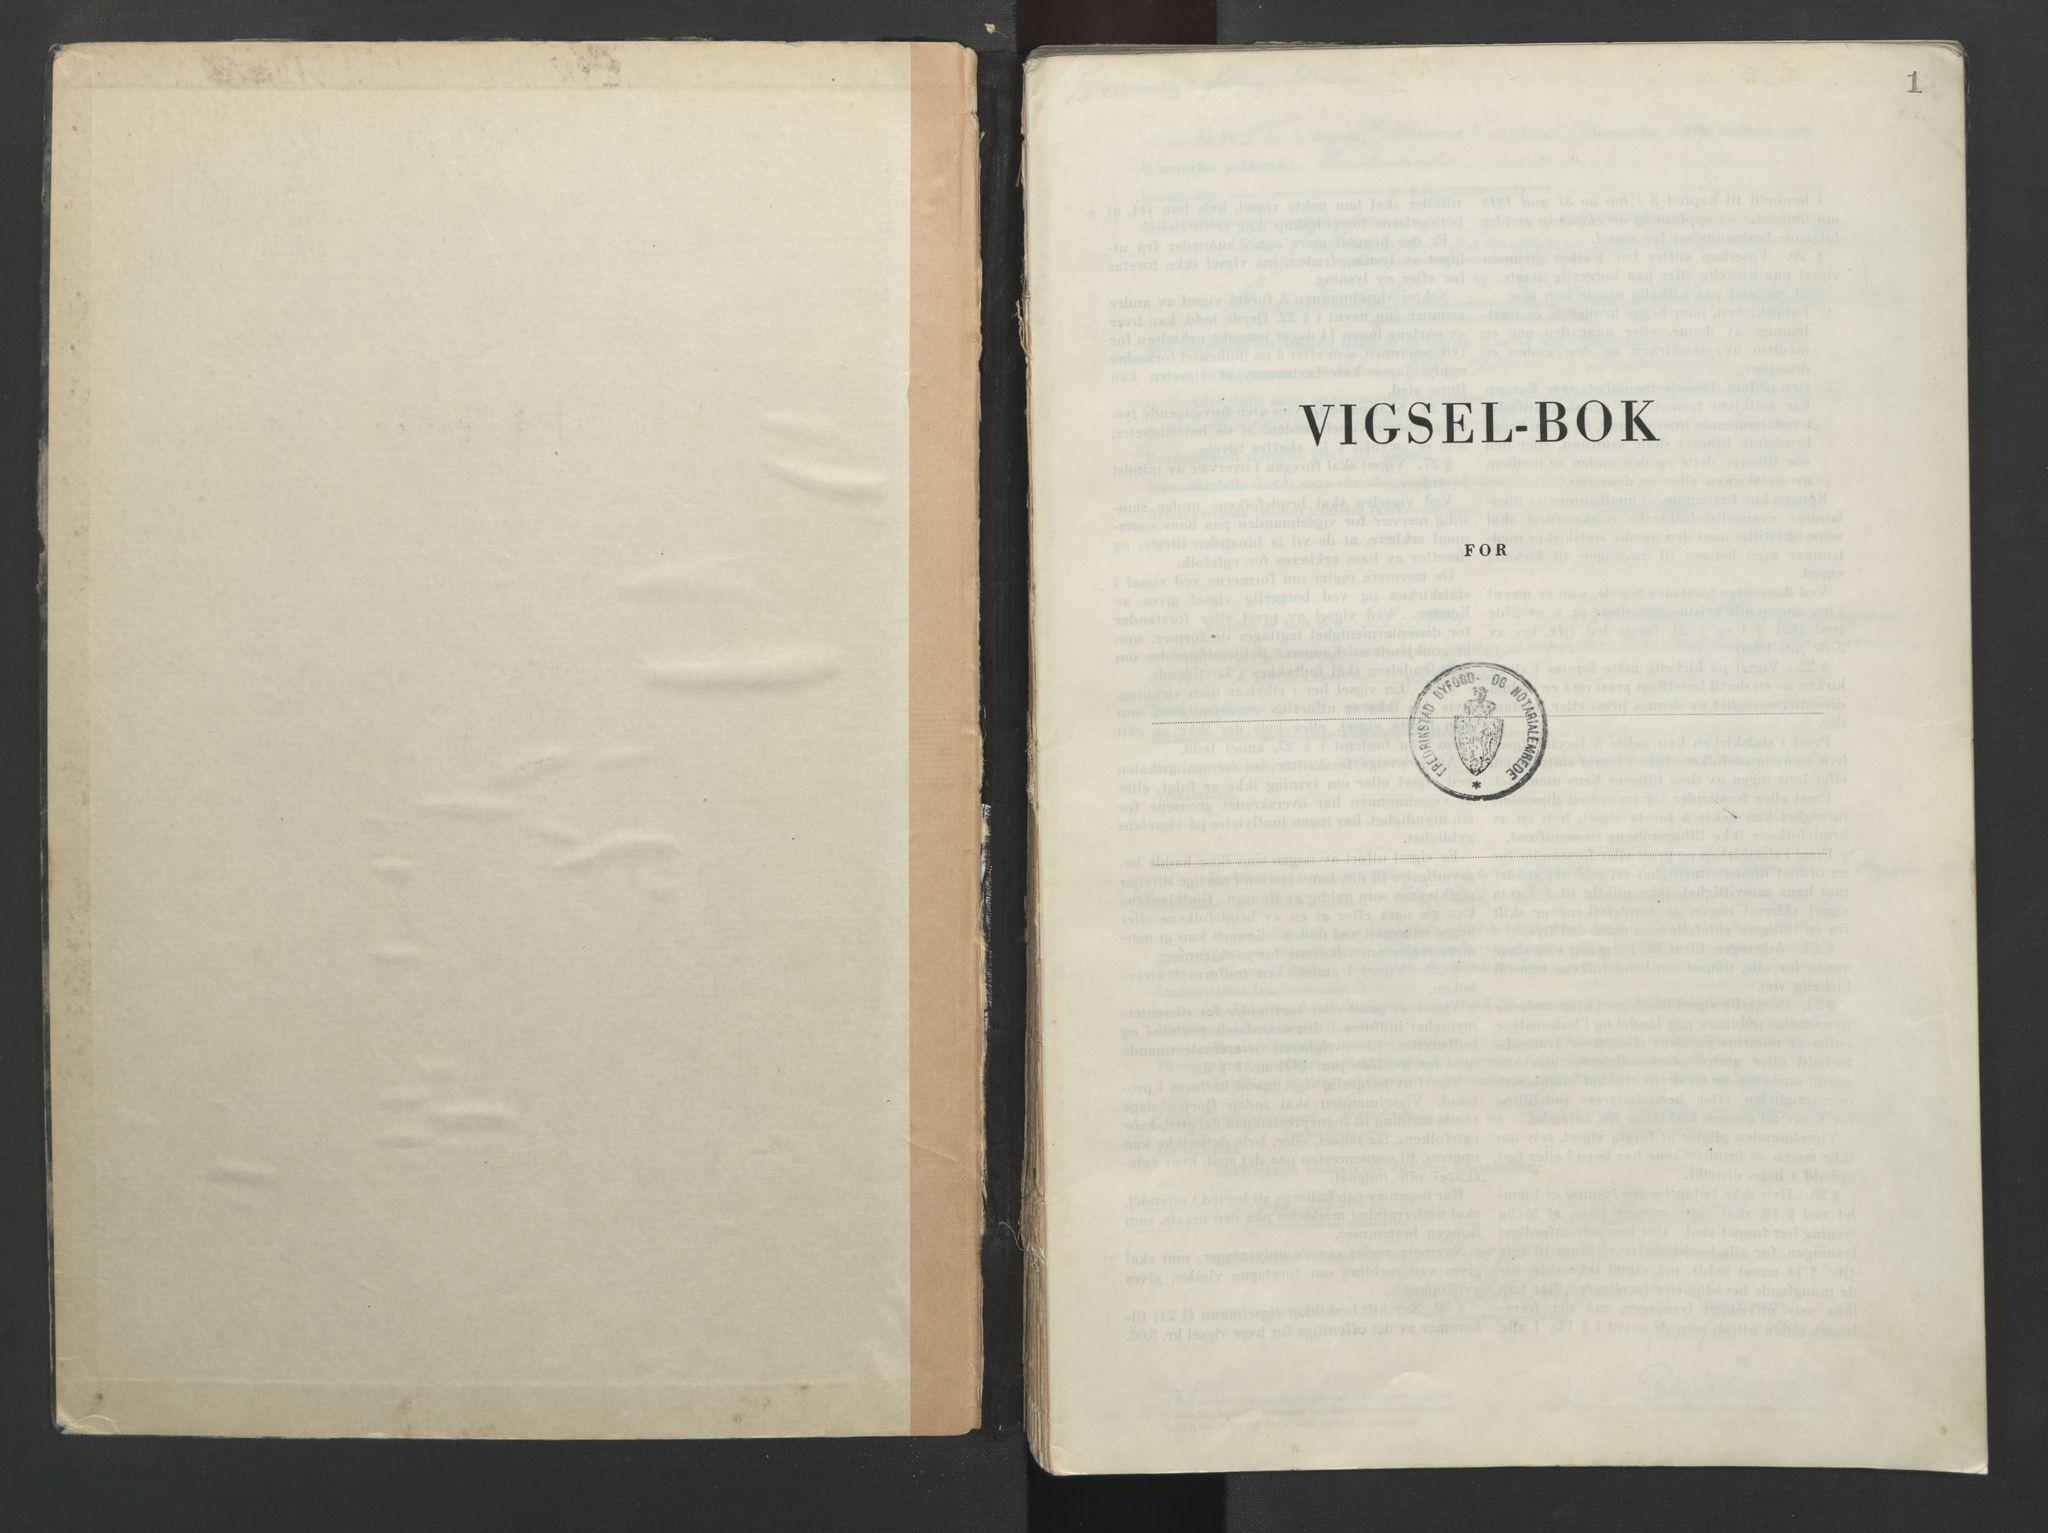 SAO, Fredrikstad byfogd, L/Lc/L0004: Vigselsbok, 1945-1953, s. 1